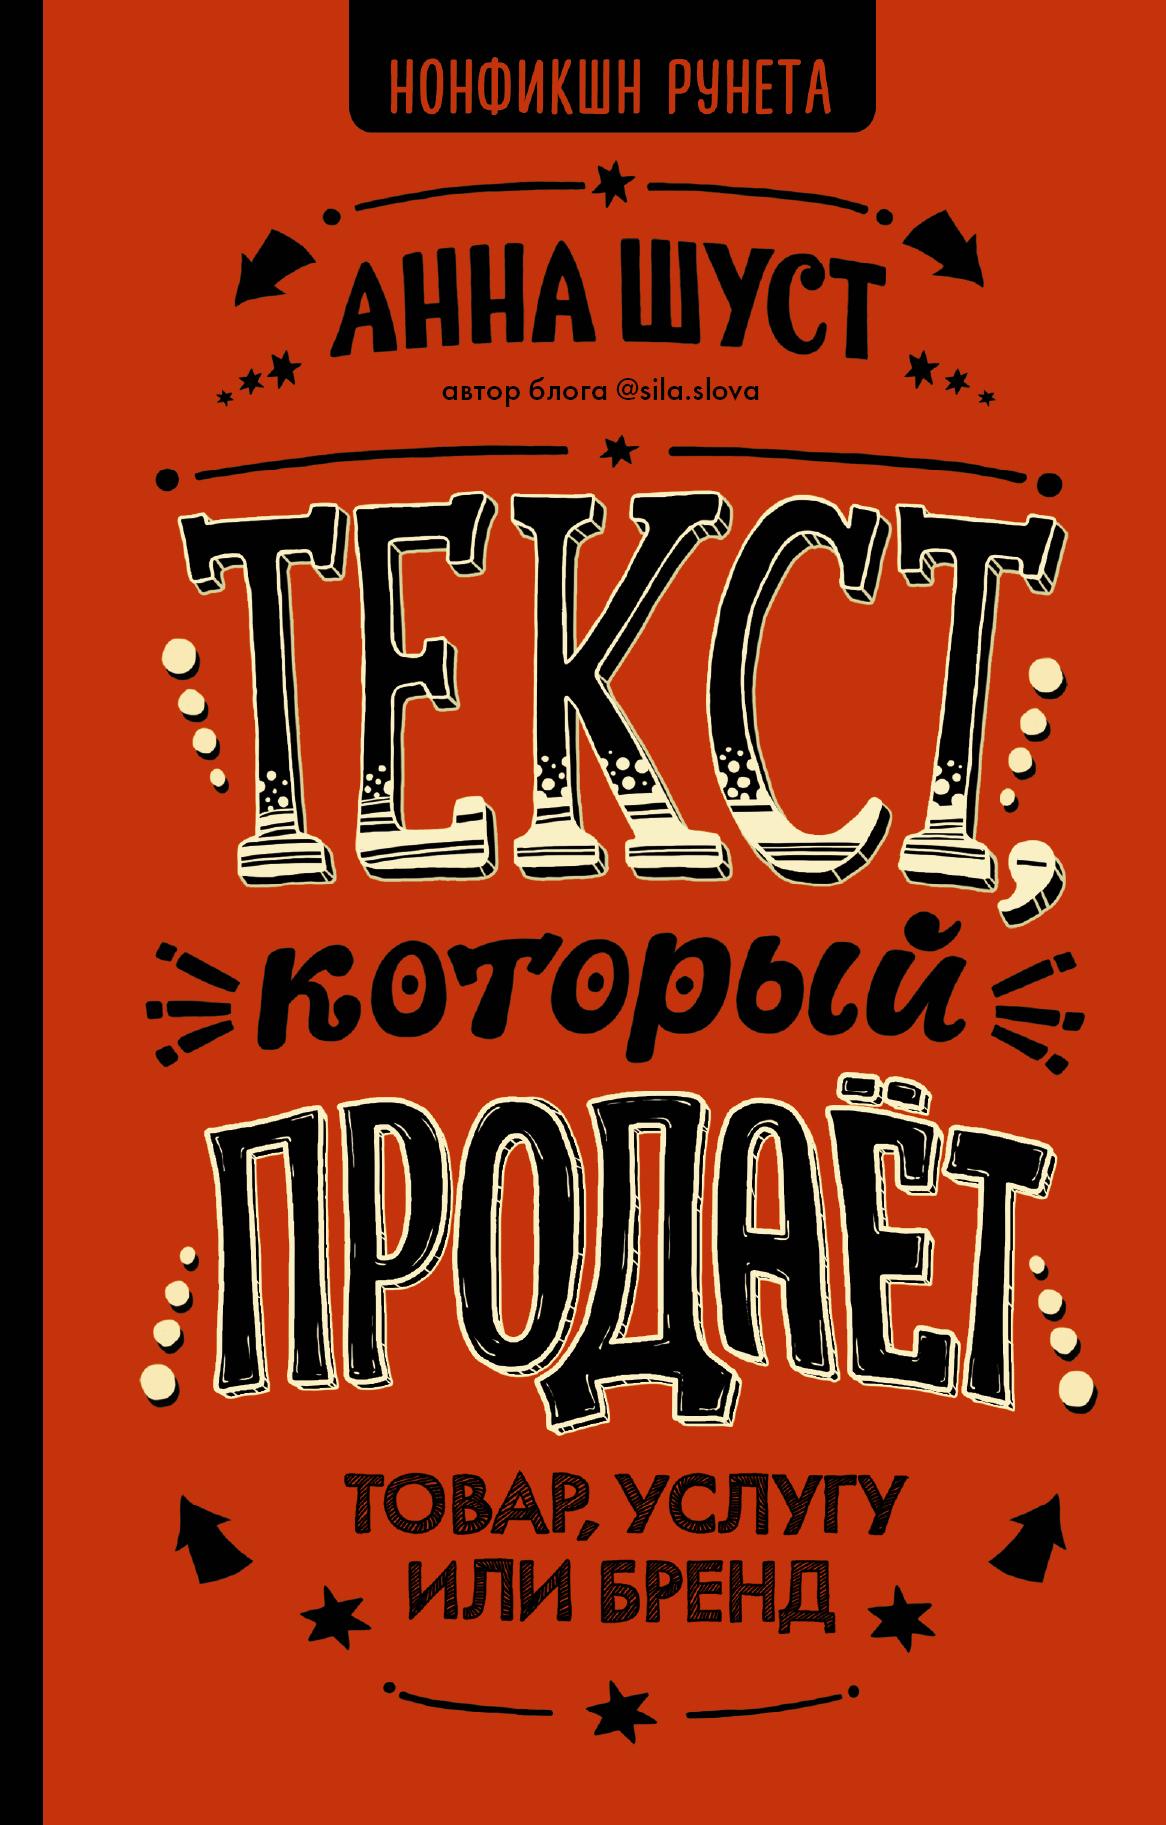 Обложка книги. Автор - Анна Шуст